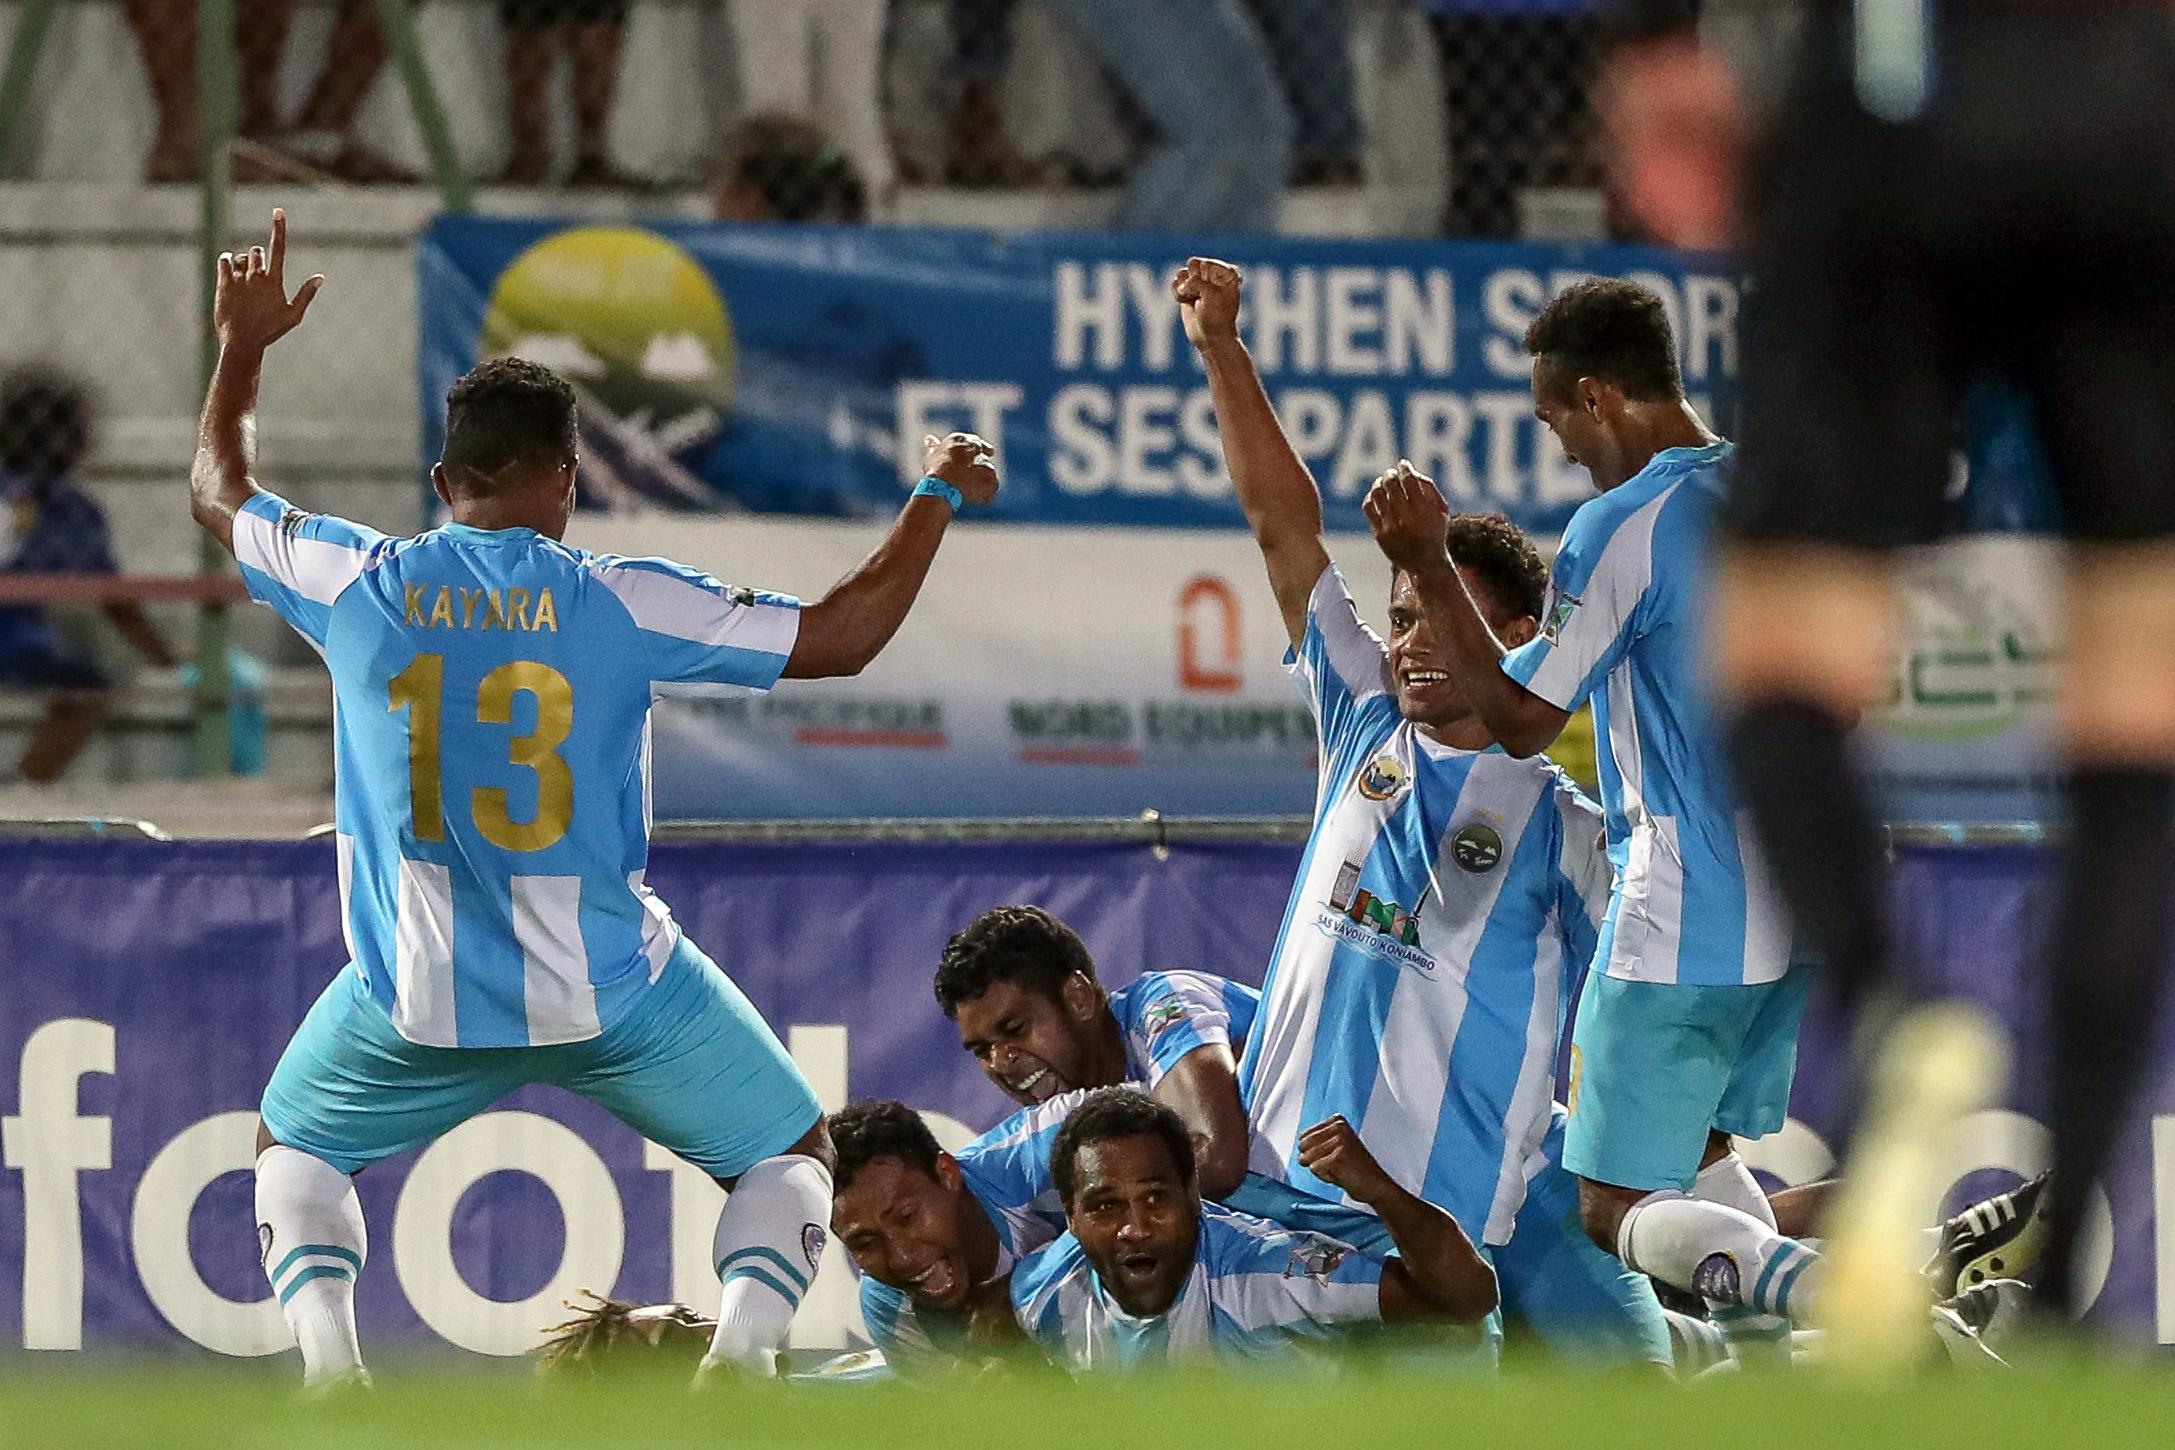 Champions League OFC 2019 / Hienghène Sport : Champion océanien